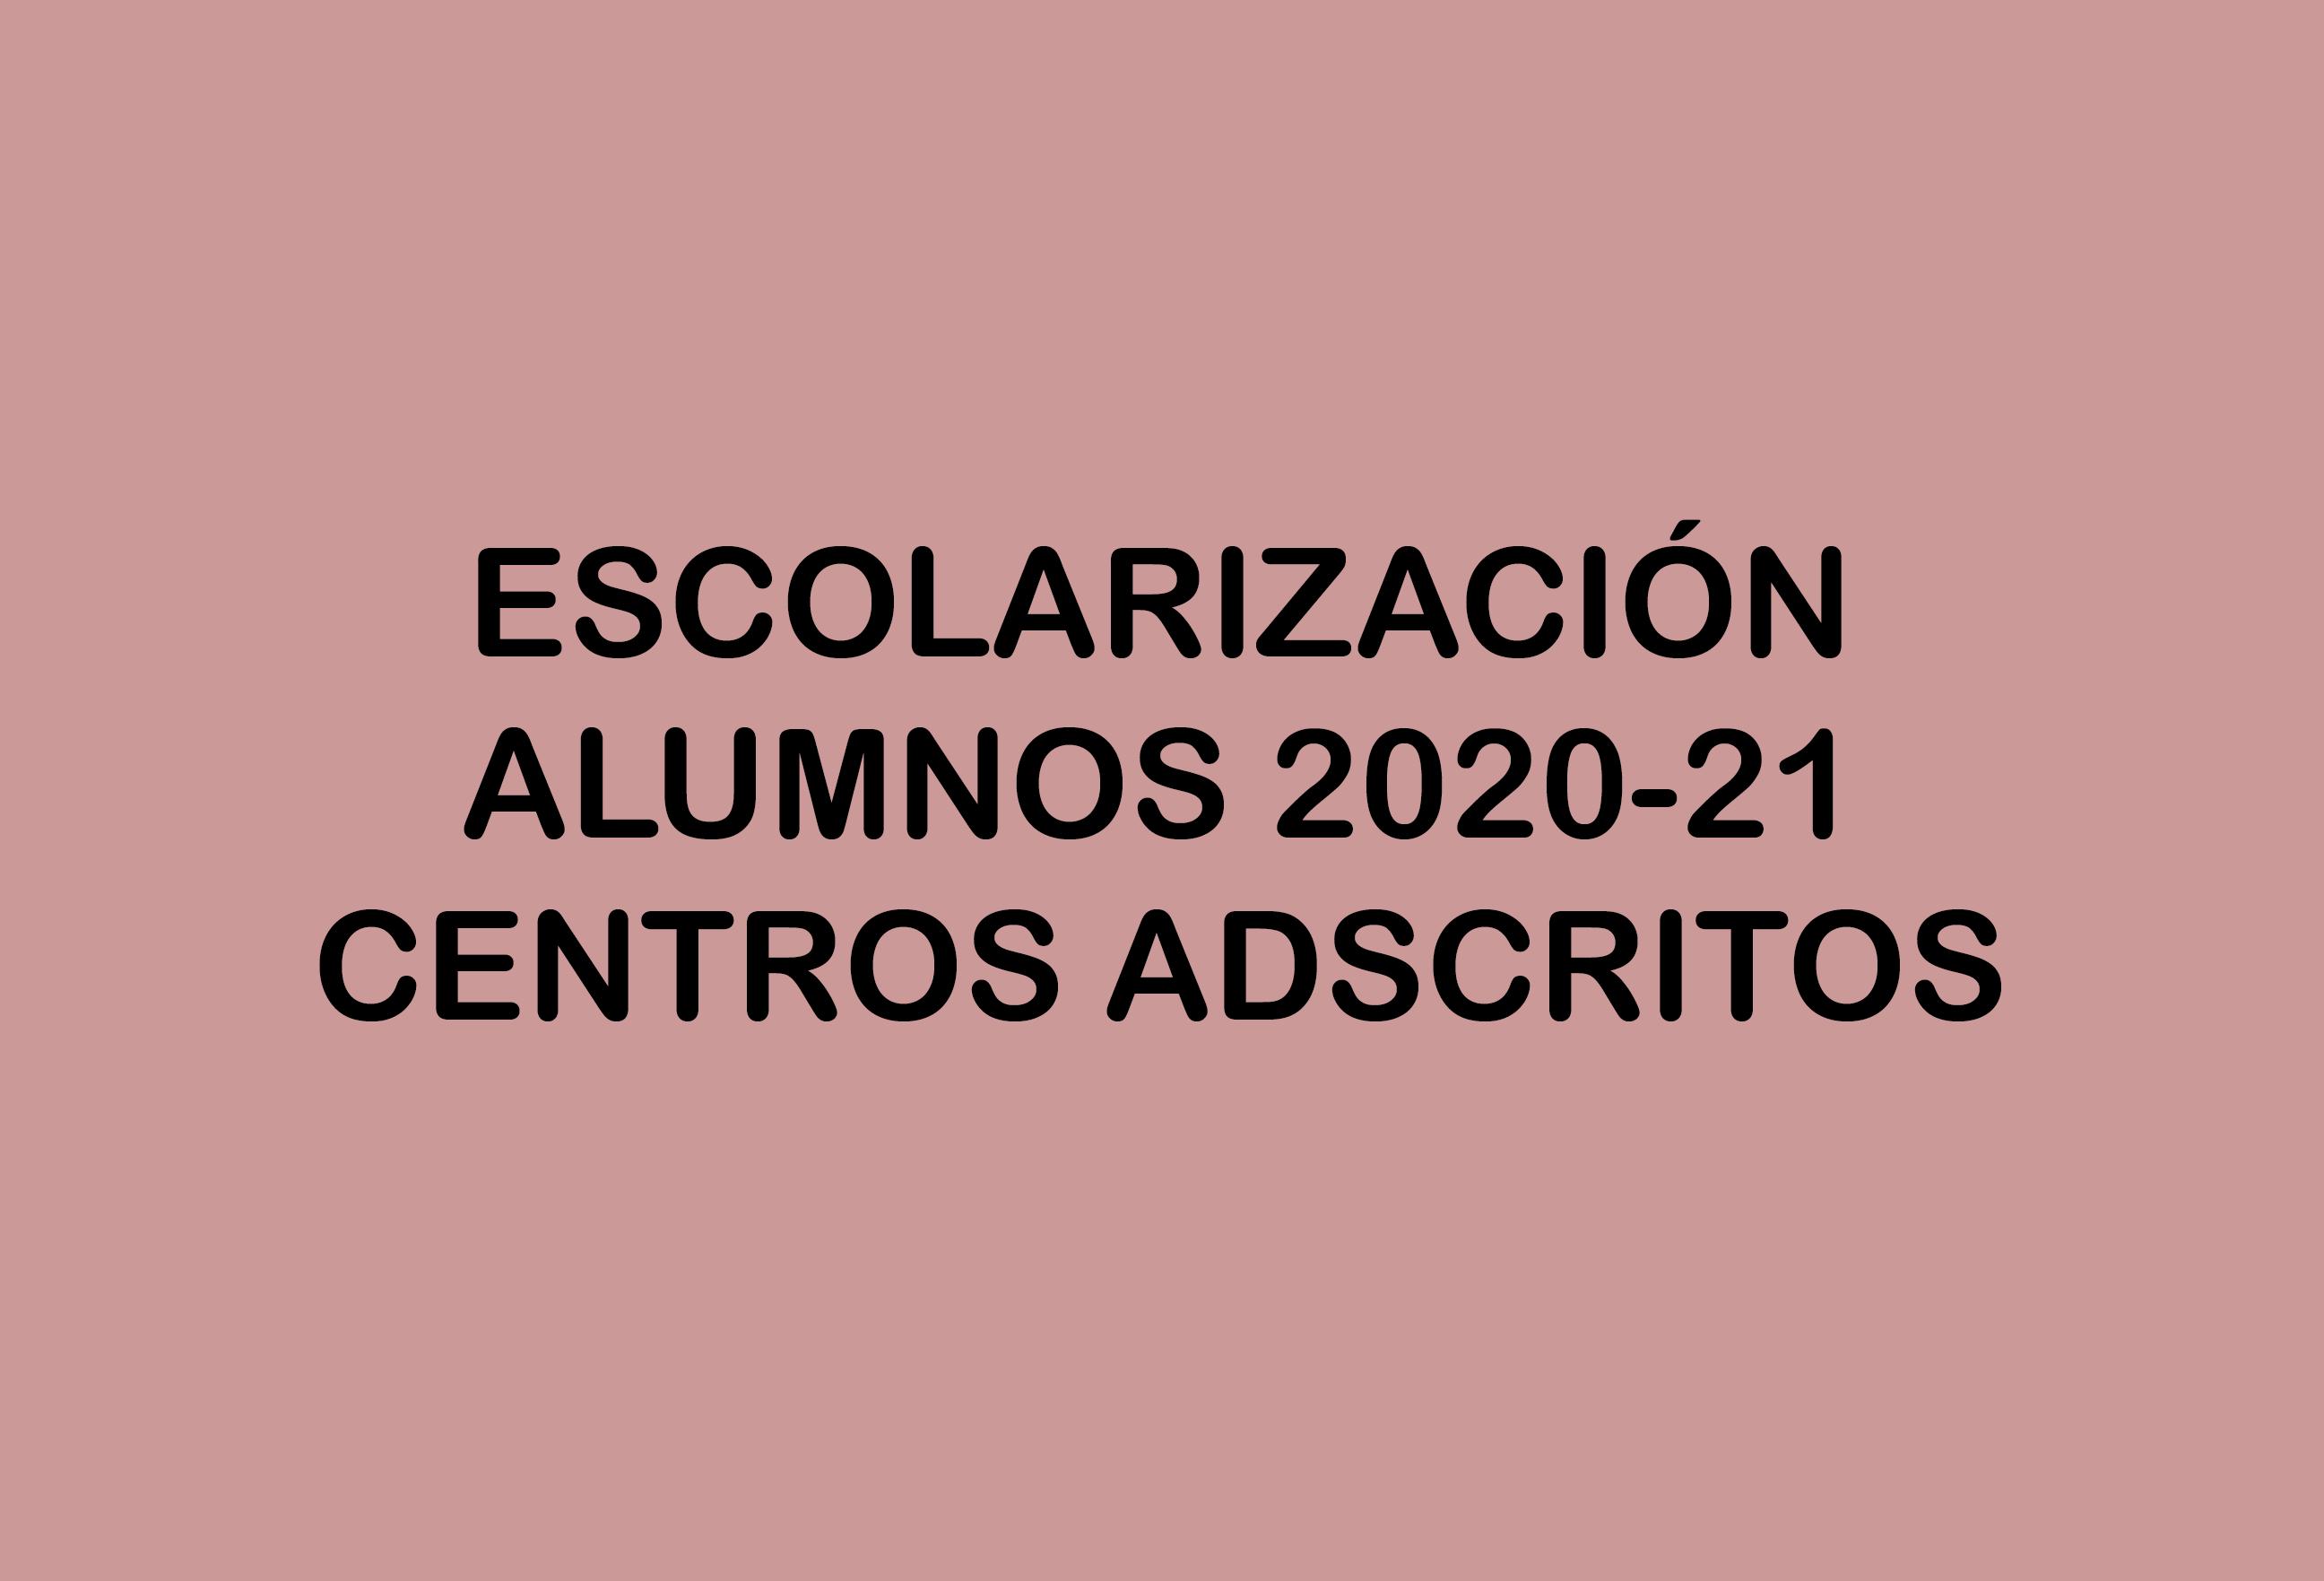 centros-adscritos